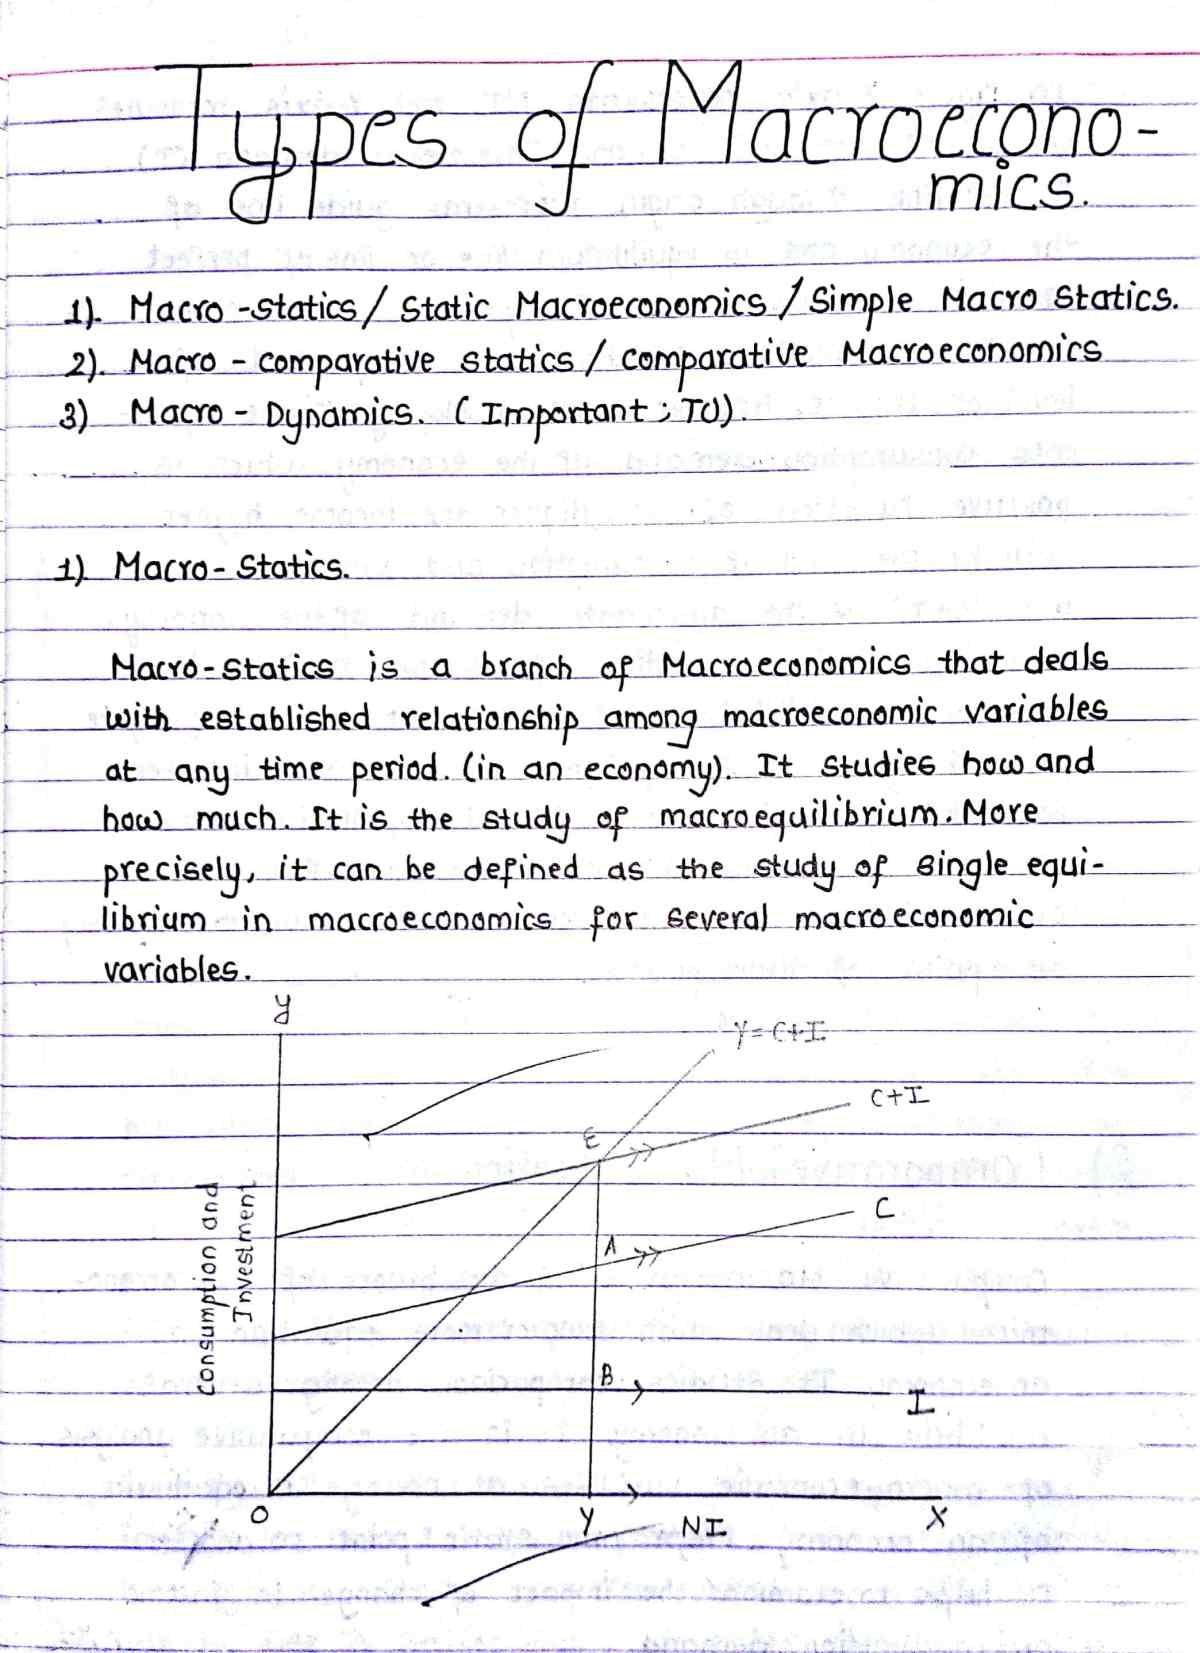 Macro Statics Comparative Statics And Dynamics Study Deeper Economics Lessons Economics Notes Macroeconomics